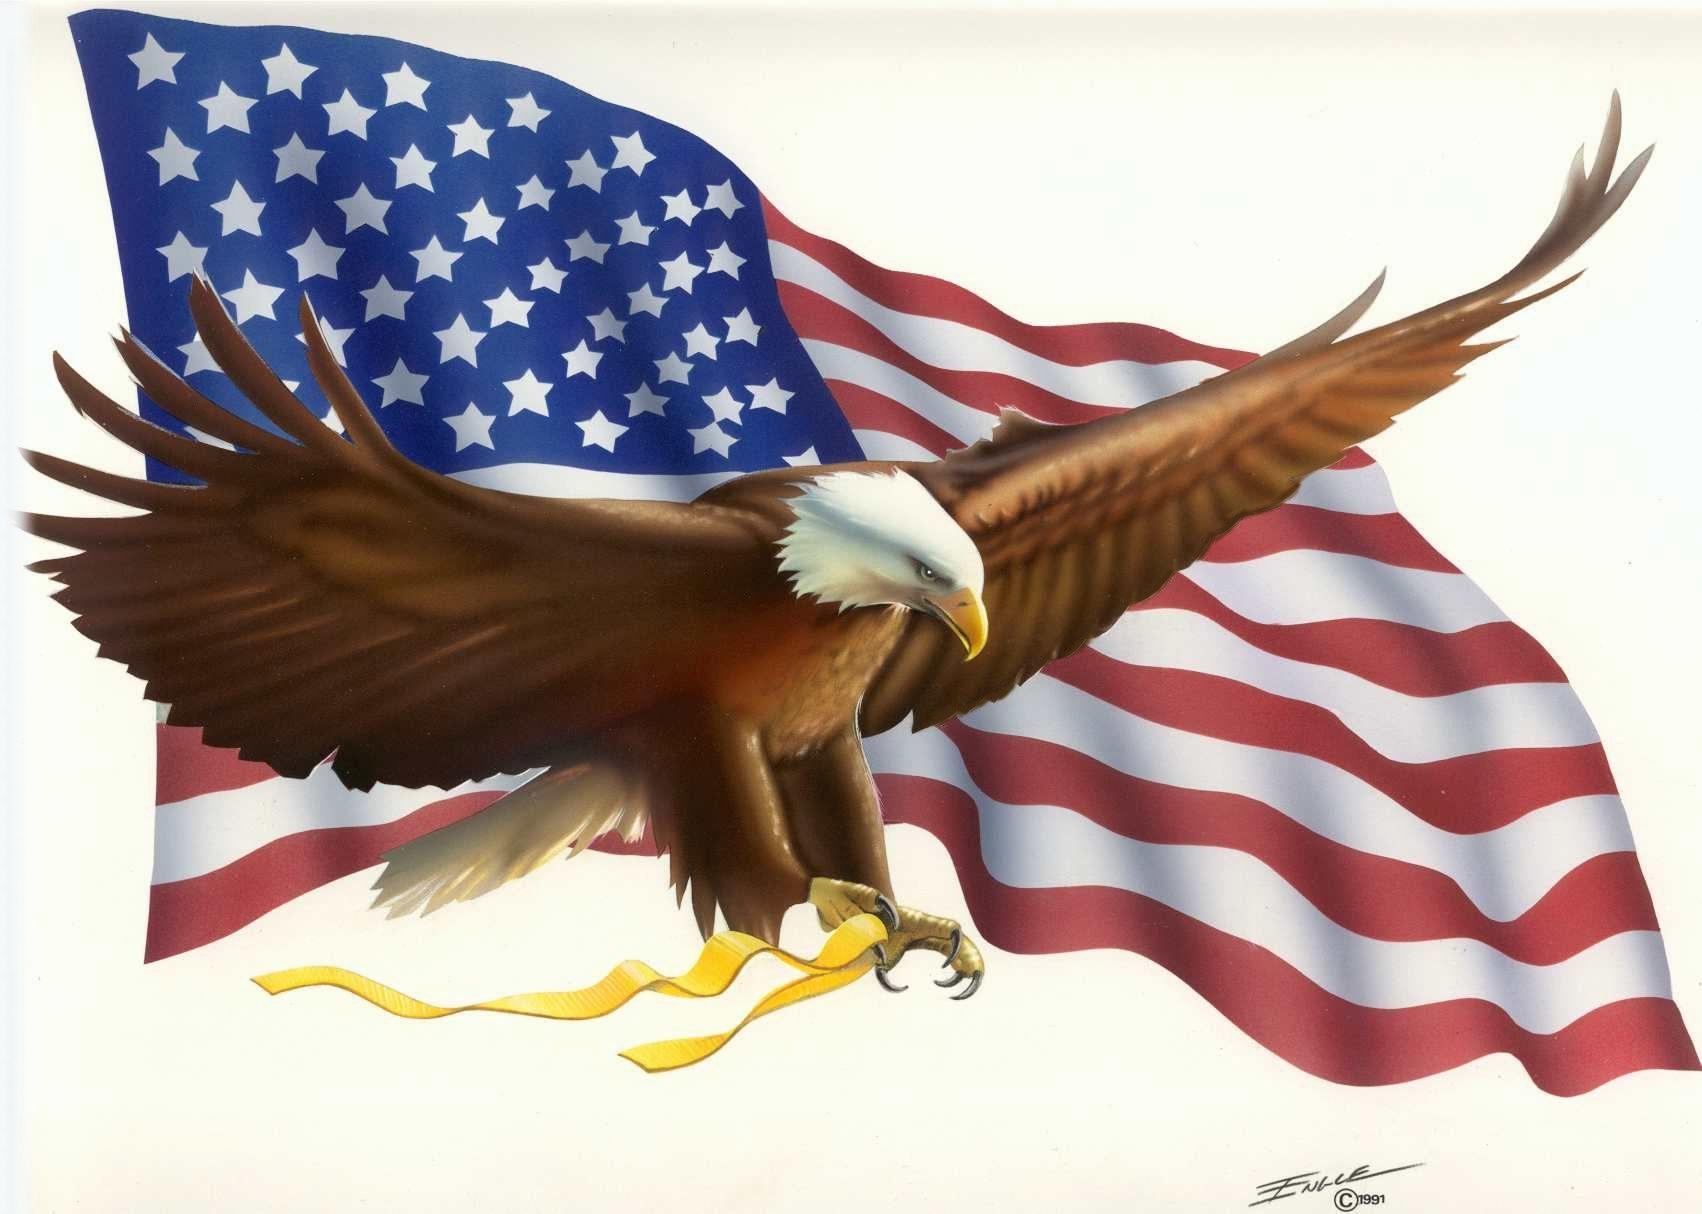 Eagle Flag Engle Bob Free .-Eagle Flag Engle Bob Free .-11